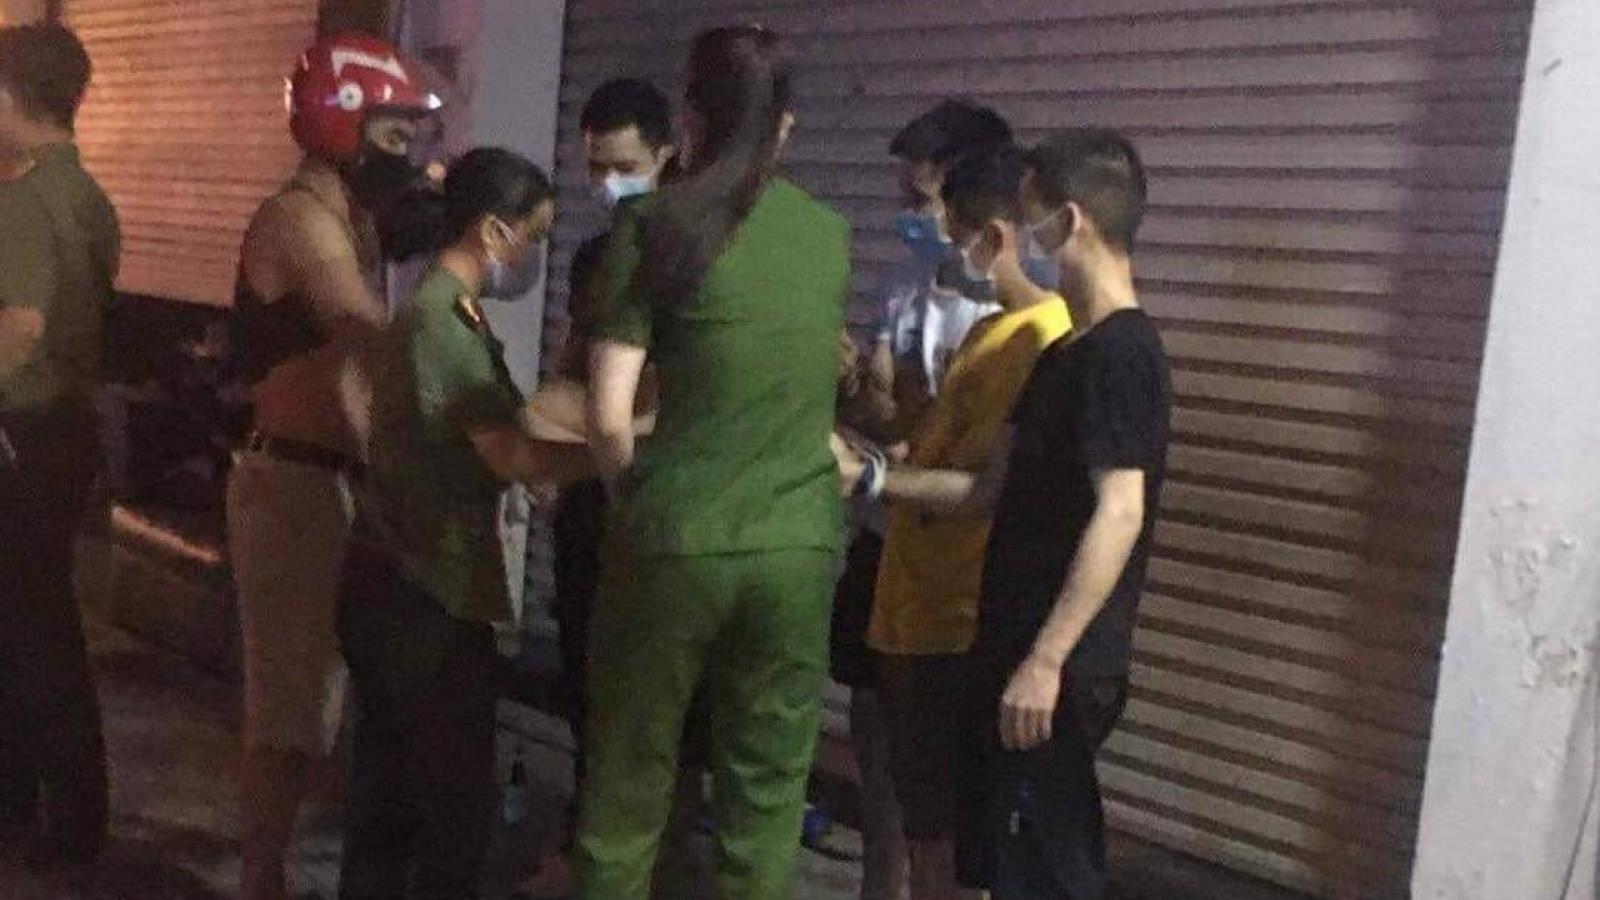 Công an Vĩnh Phúc đang làm rõ 39 người Trung Quốc nghi cư trú bất hợp pháp